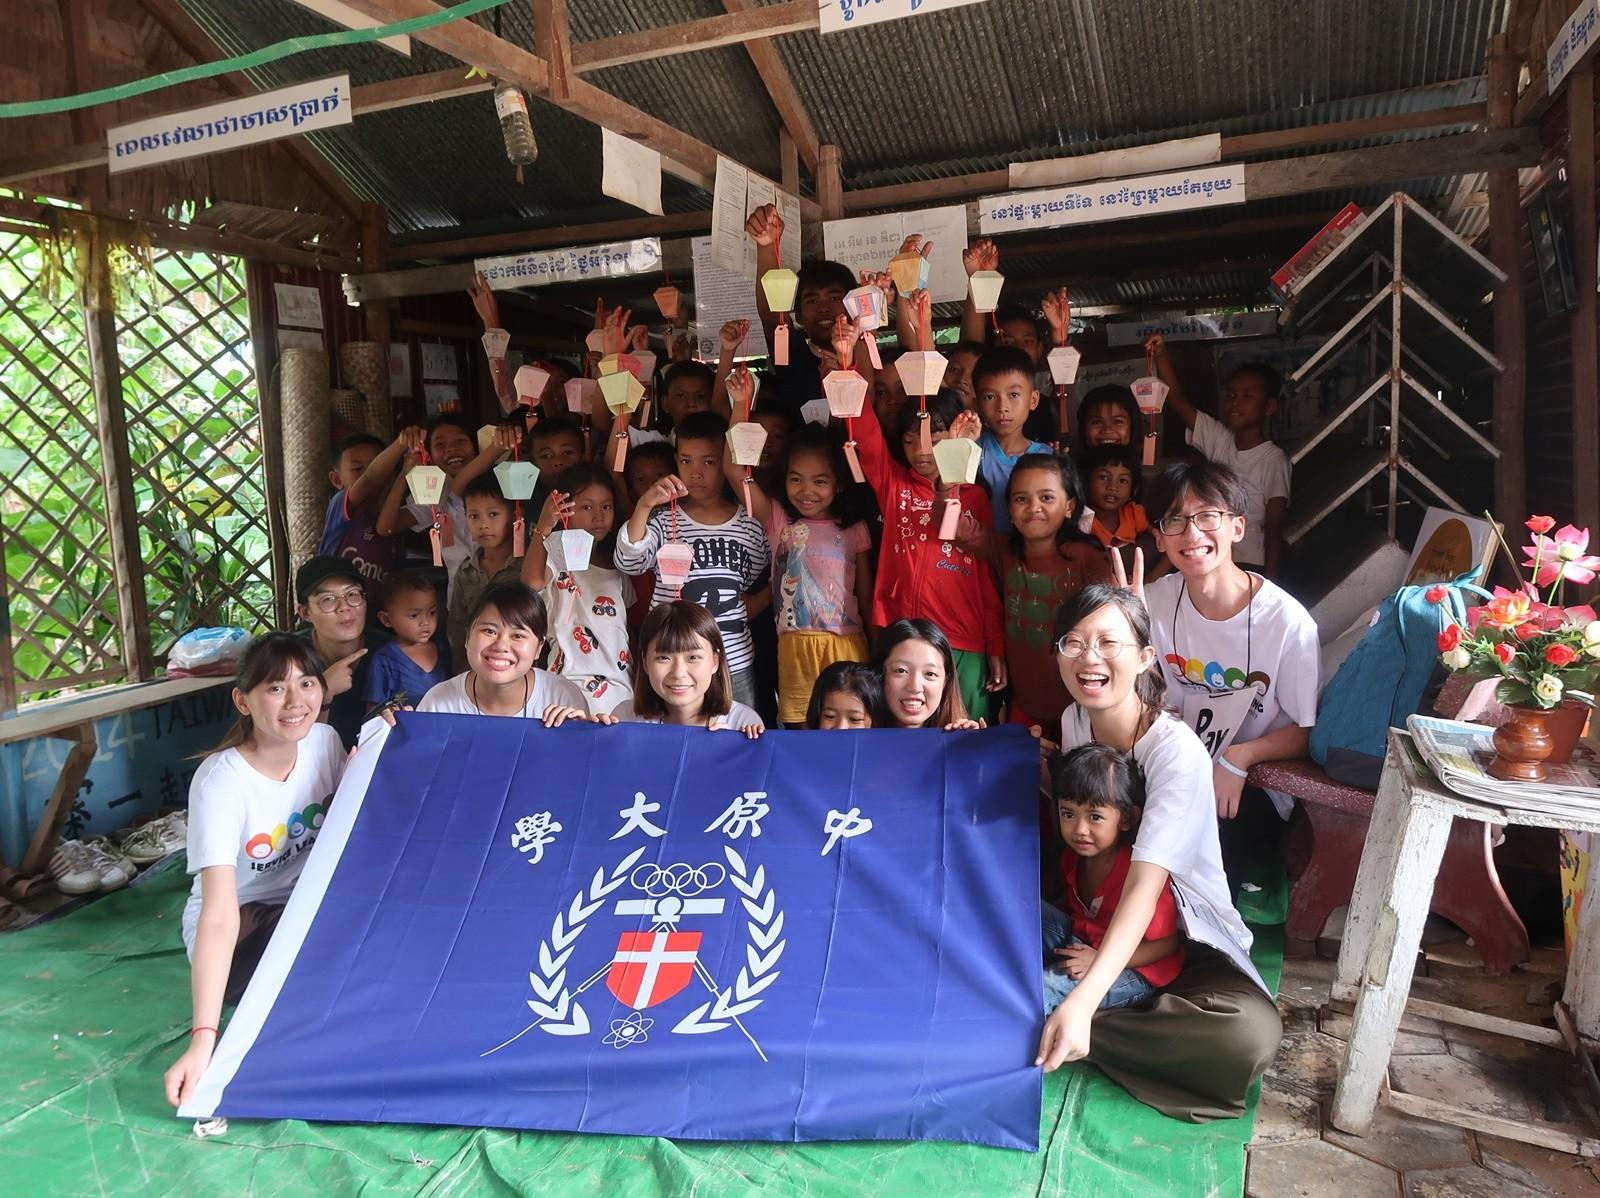 化工系曾立嫻同學(右一)曾擔任柬埔寨海外志工,更加深刻體會「學習不是只有在教室裡」。.JPG